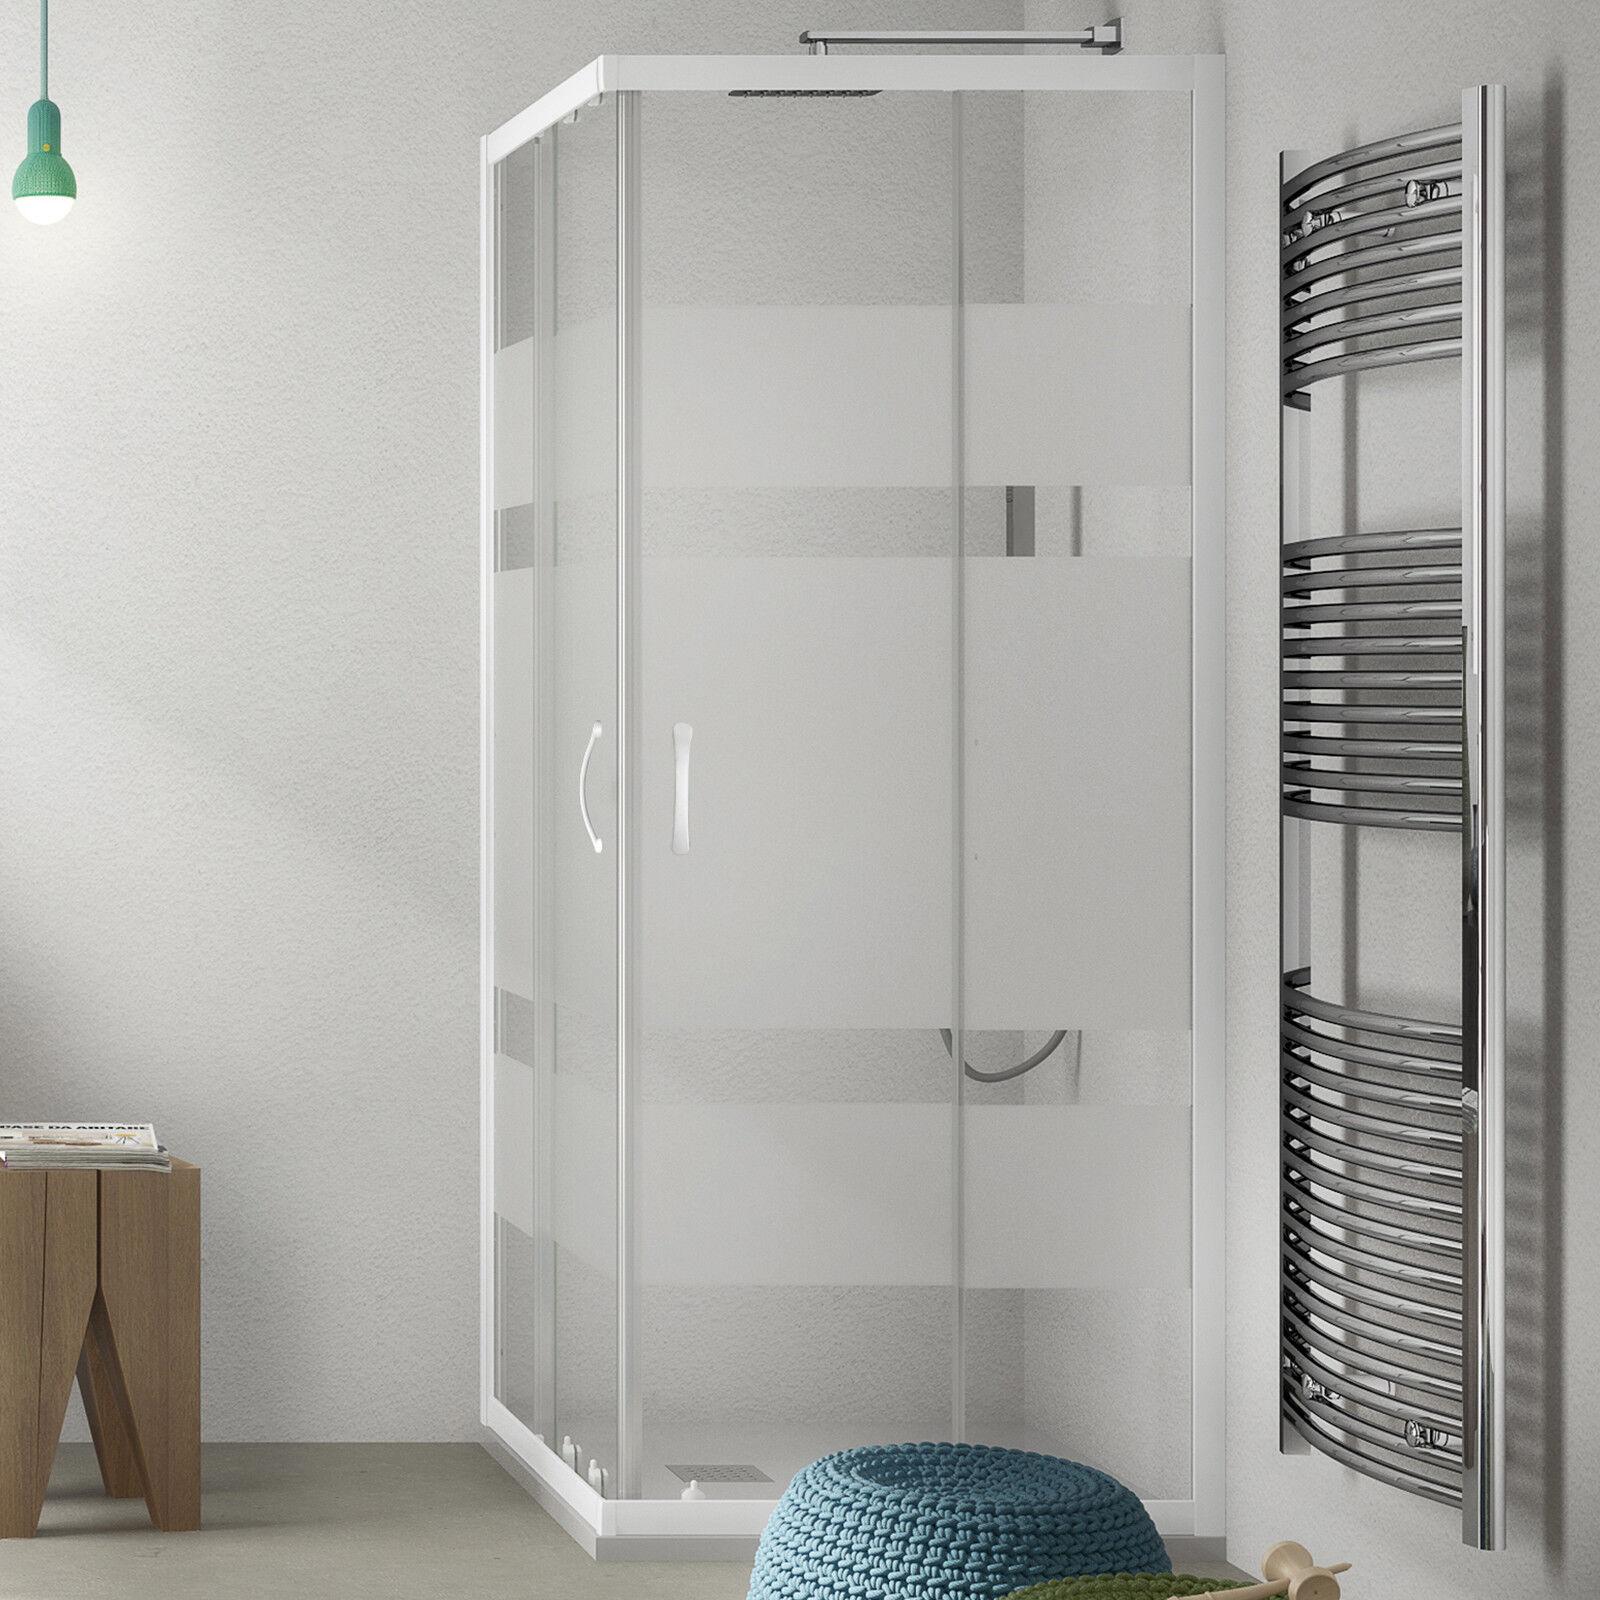 Box doccia 90x90 alluminio bianco cristallo serigrafato altezza 185h scorrevole